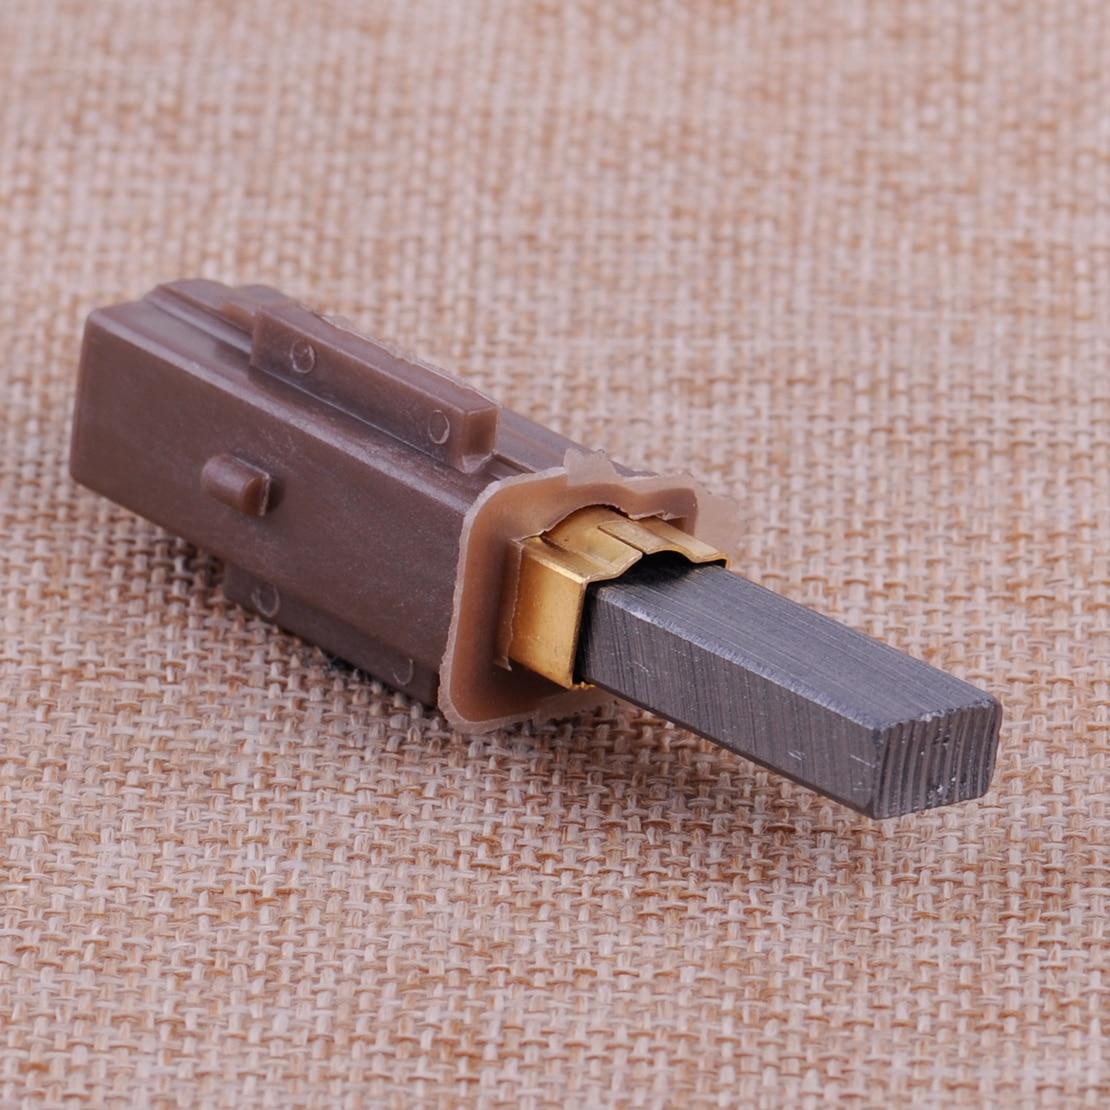 /1/para ametek Lamb Tools cepillo de carb/ón vac/ío Motor el/éctrico 2311480/333261/33326/